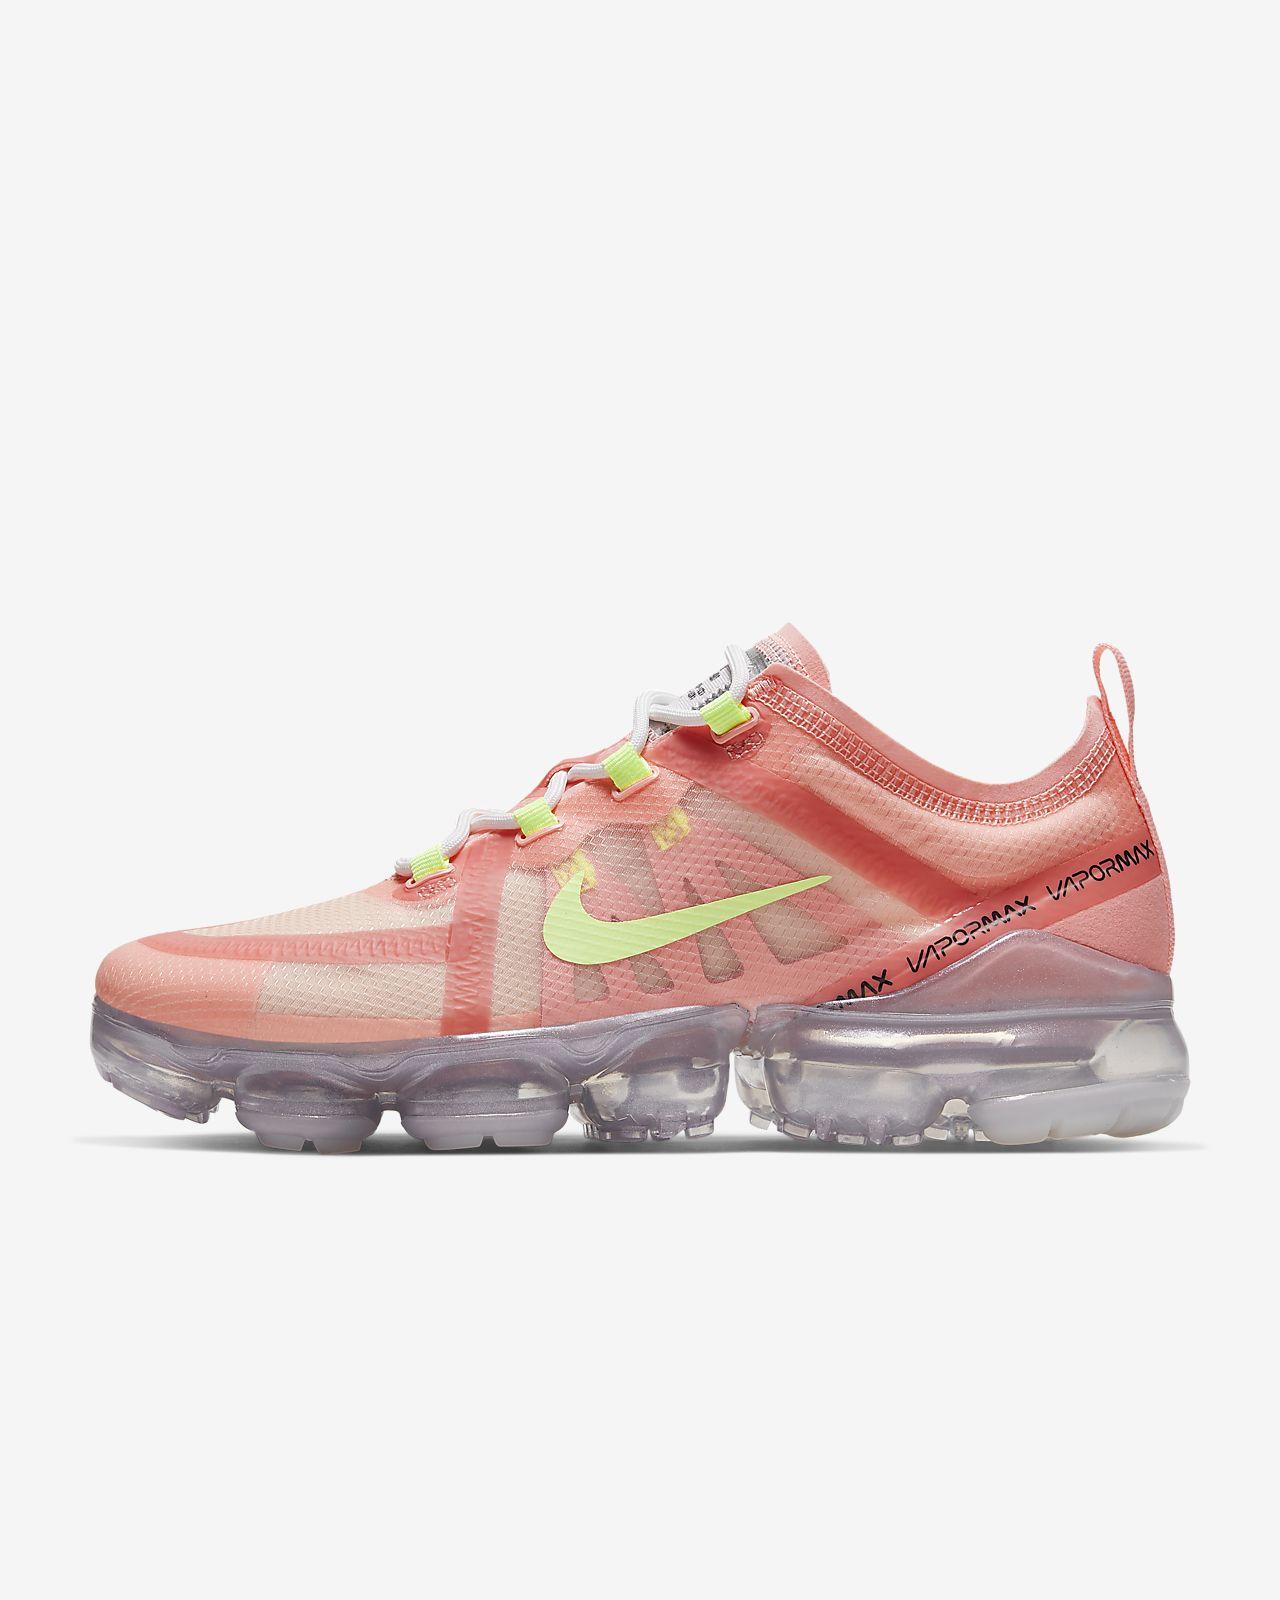 รองเท้าผู้หญิง Nike Air VaporMax 2019